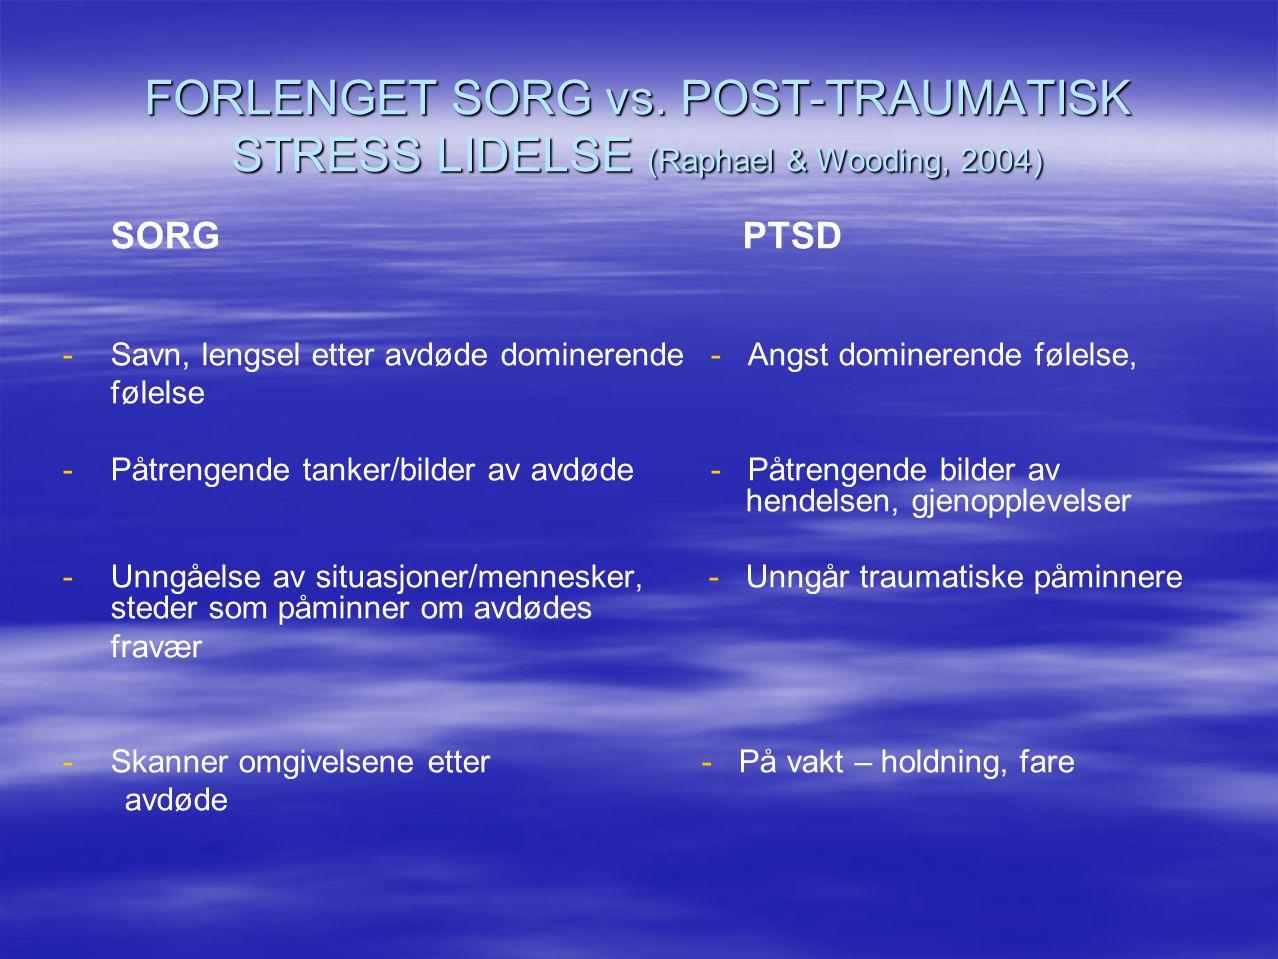 FORLENGET SORG vs. POST-TRAUMATISK STRESS LIDELSE (Raphael & Wooding, 2004)